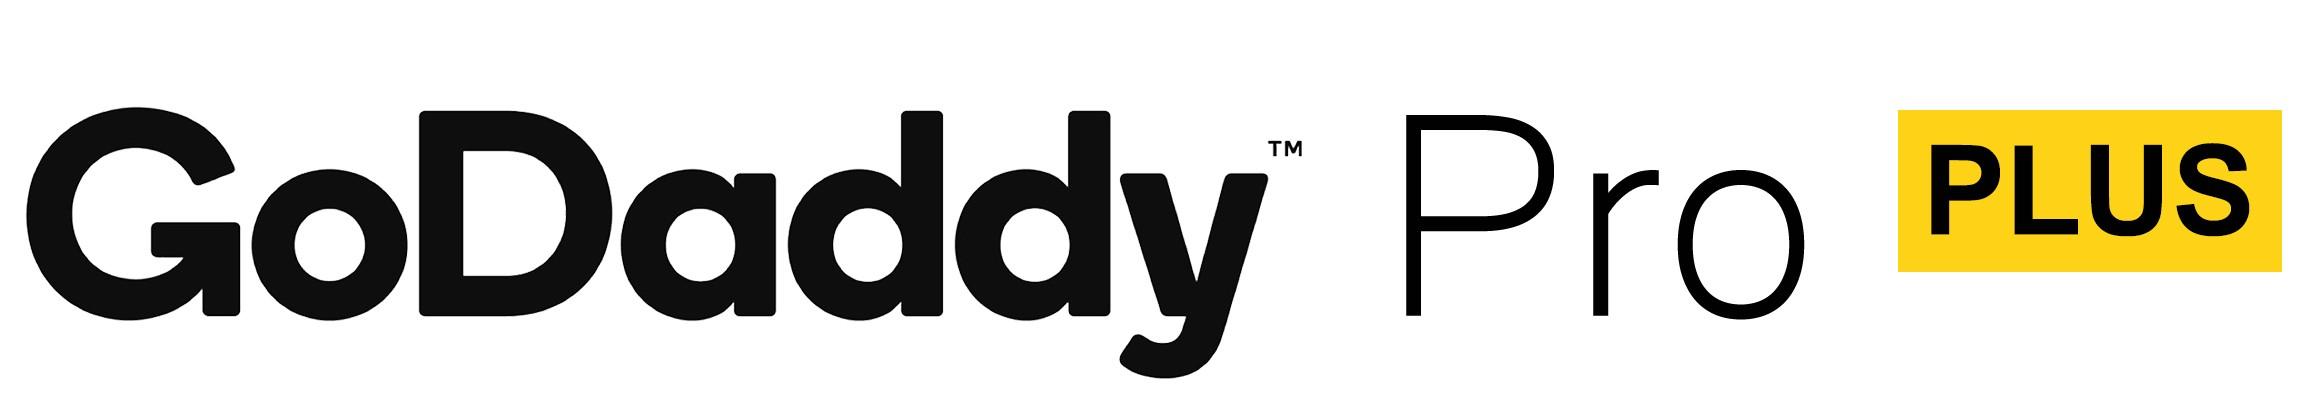 GoDaddy Pro Plus Logo